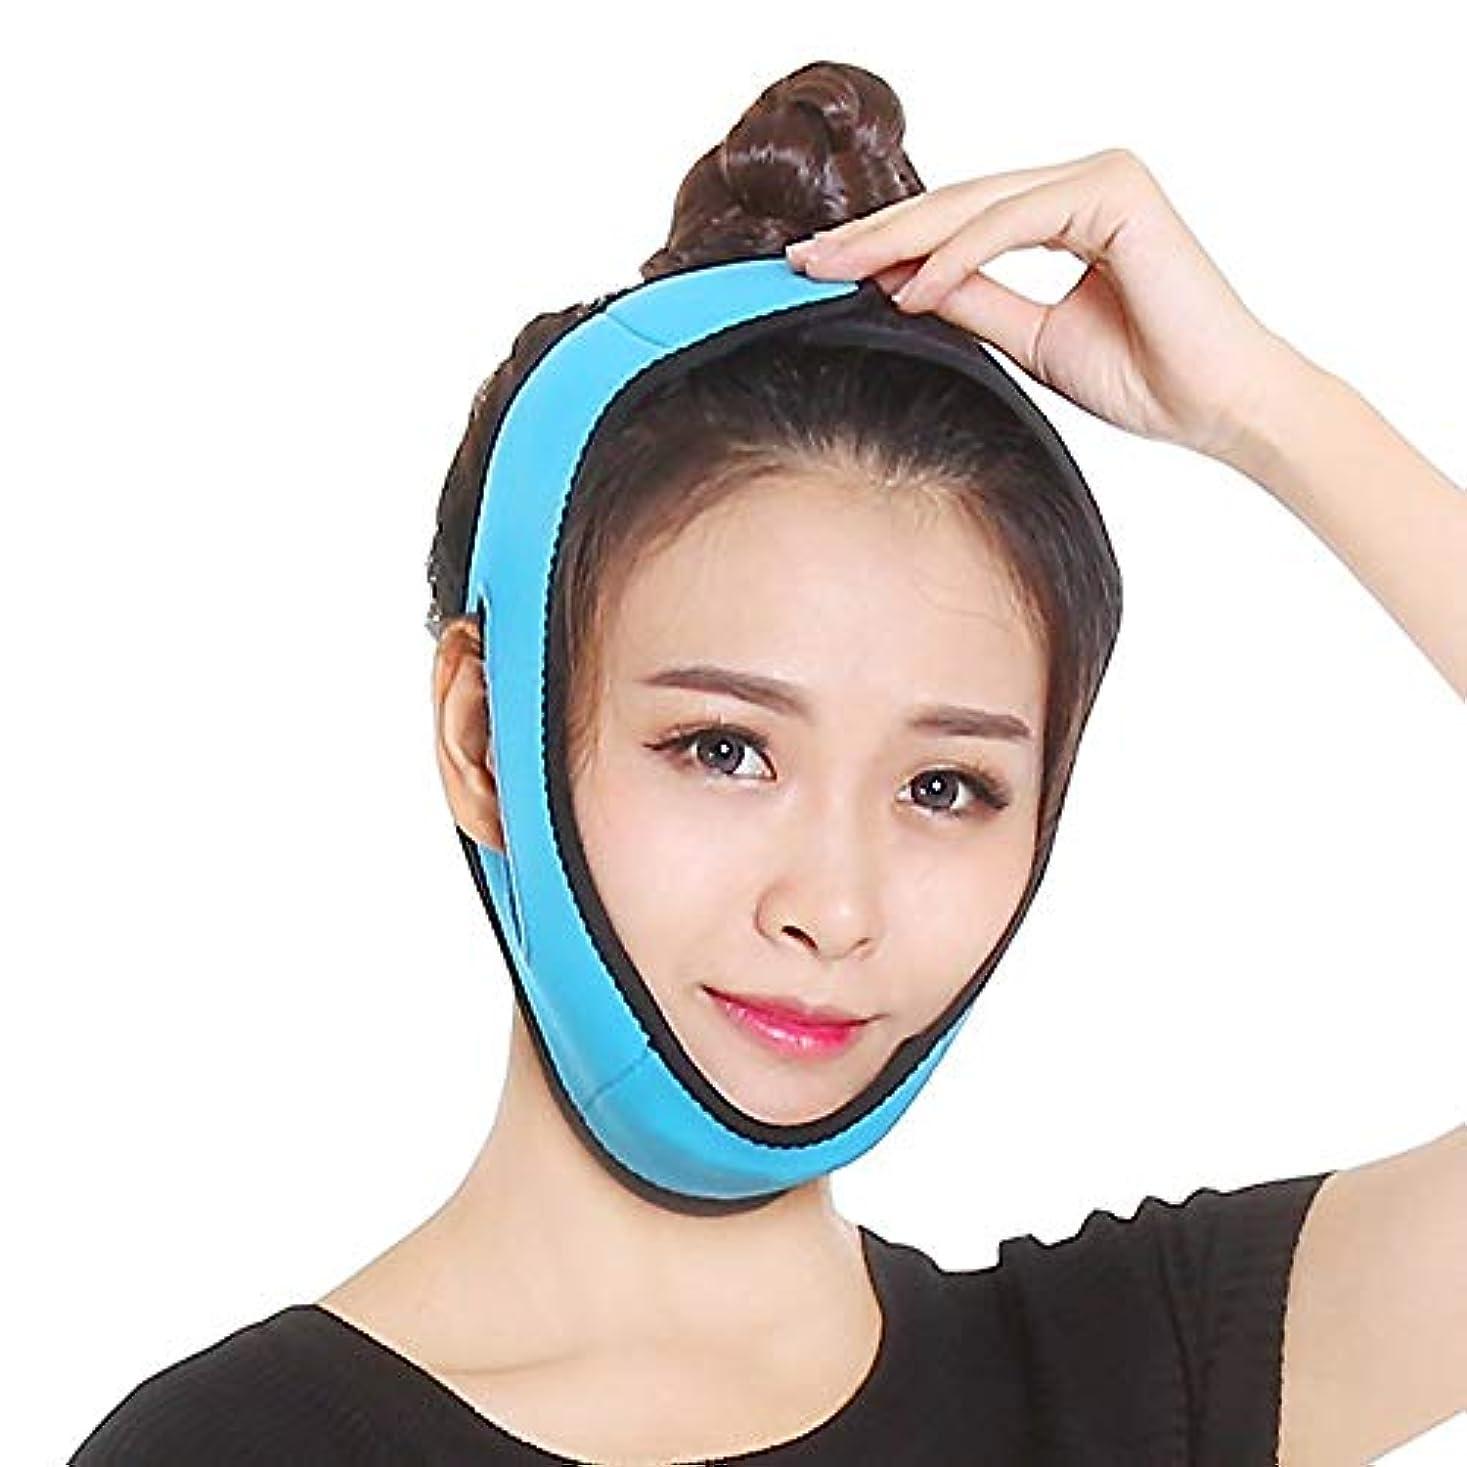 発明する家主スラムフェイスリフトベルト 薄い顔のベルト - 薄い顔のツール薄い顔のベルト通気性のラテックスのマッサージV型の顔のアーティファクトの顔の薄いマスク